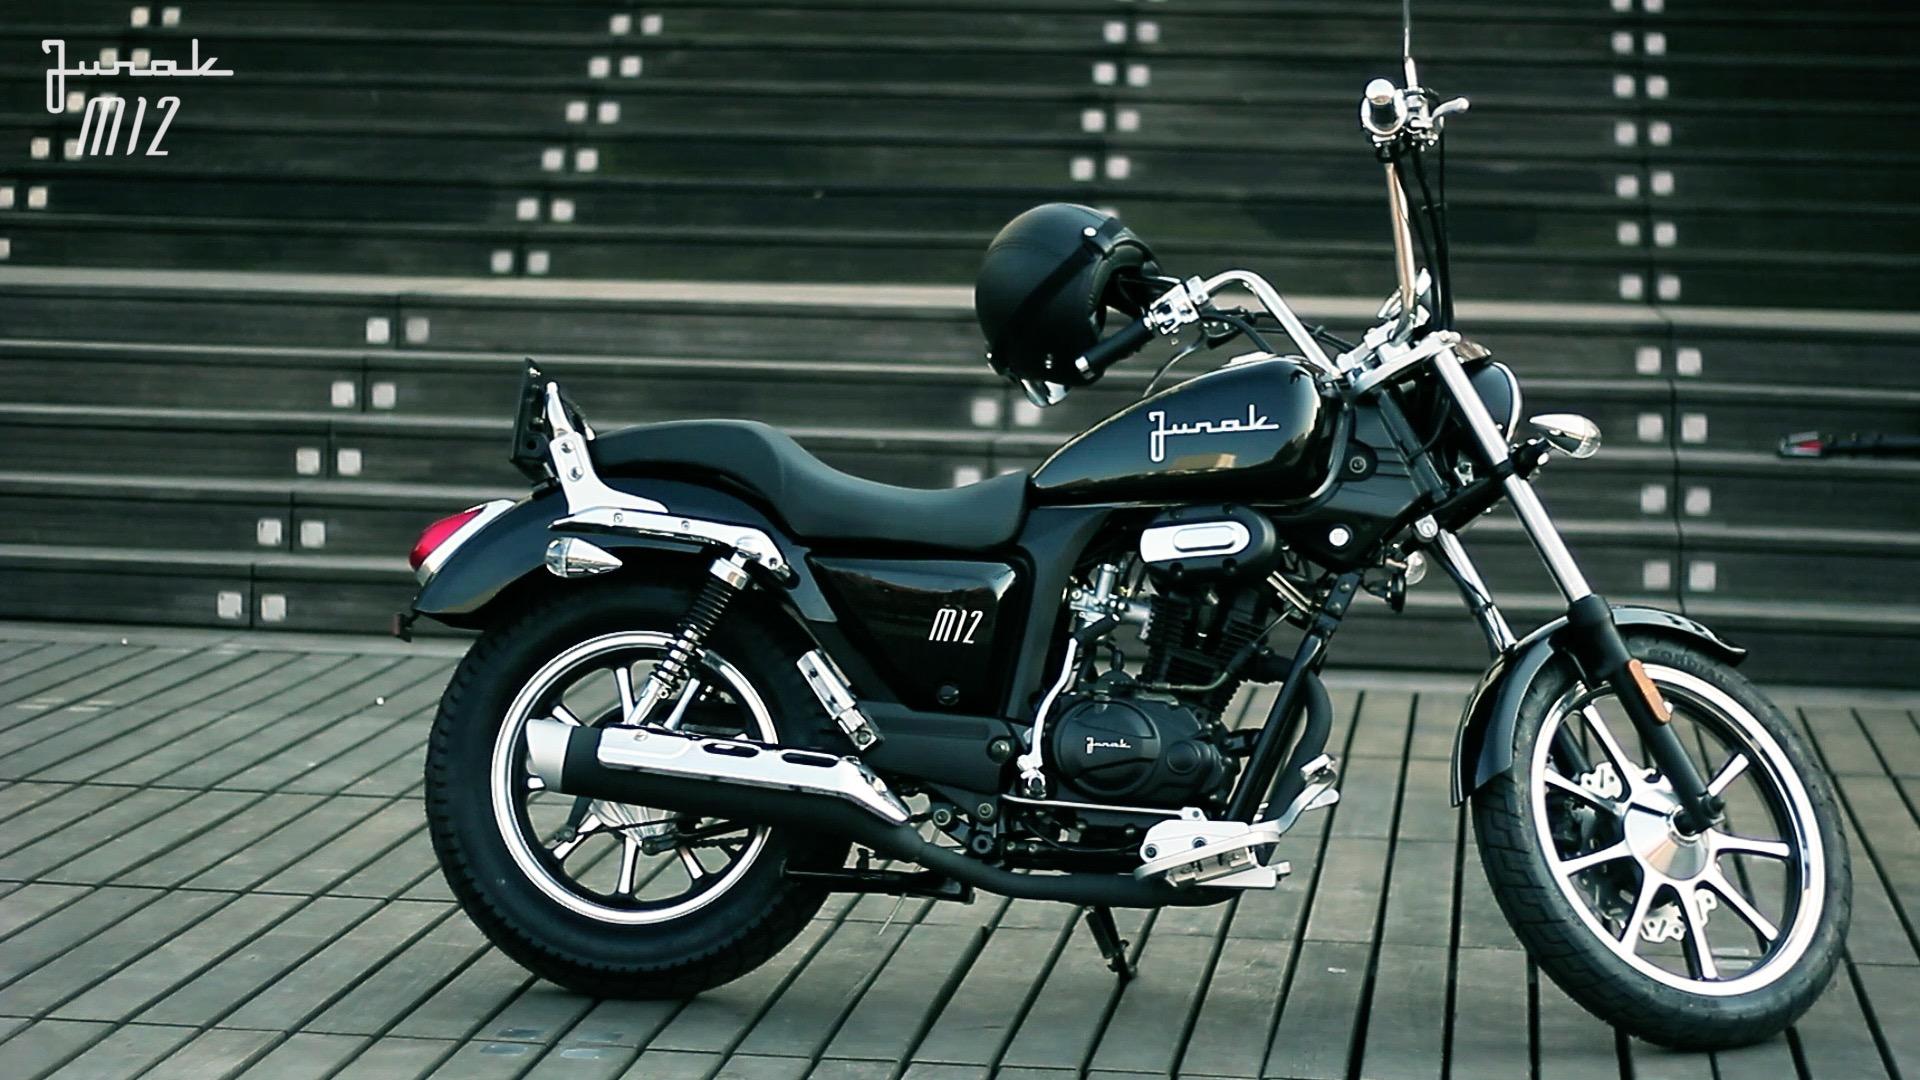 Suzuki Intruder 125 2018 >> Junak w sezonie 2016 wprowadzi 5 nowych motocykli 125 i 250 ccm - Jednoślad.pl